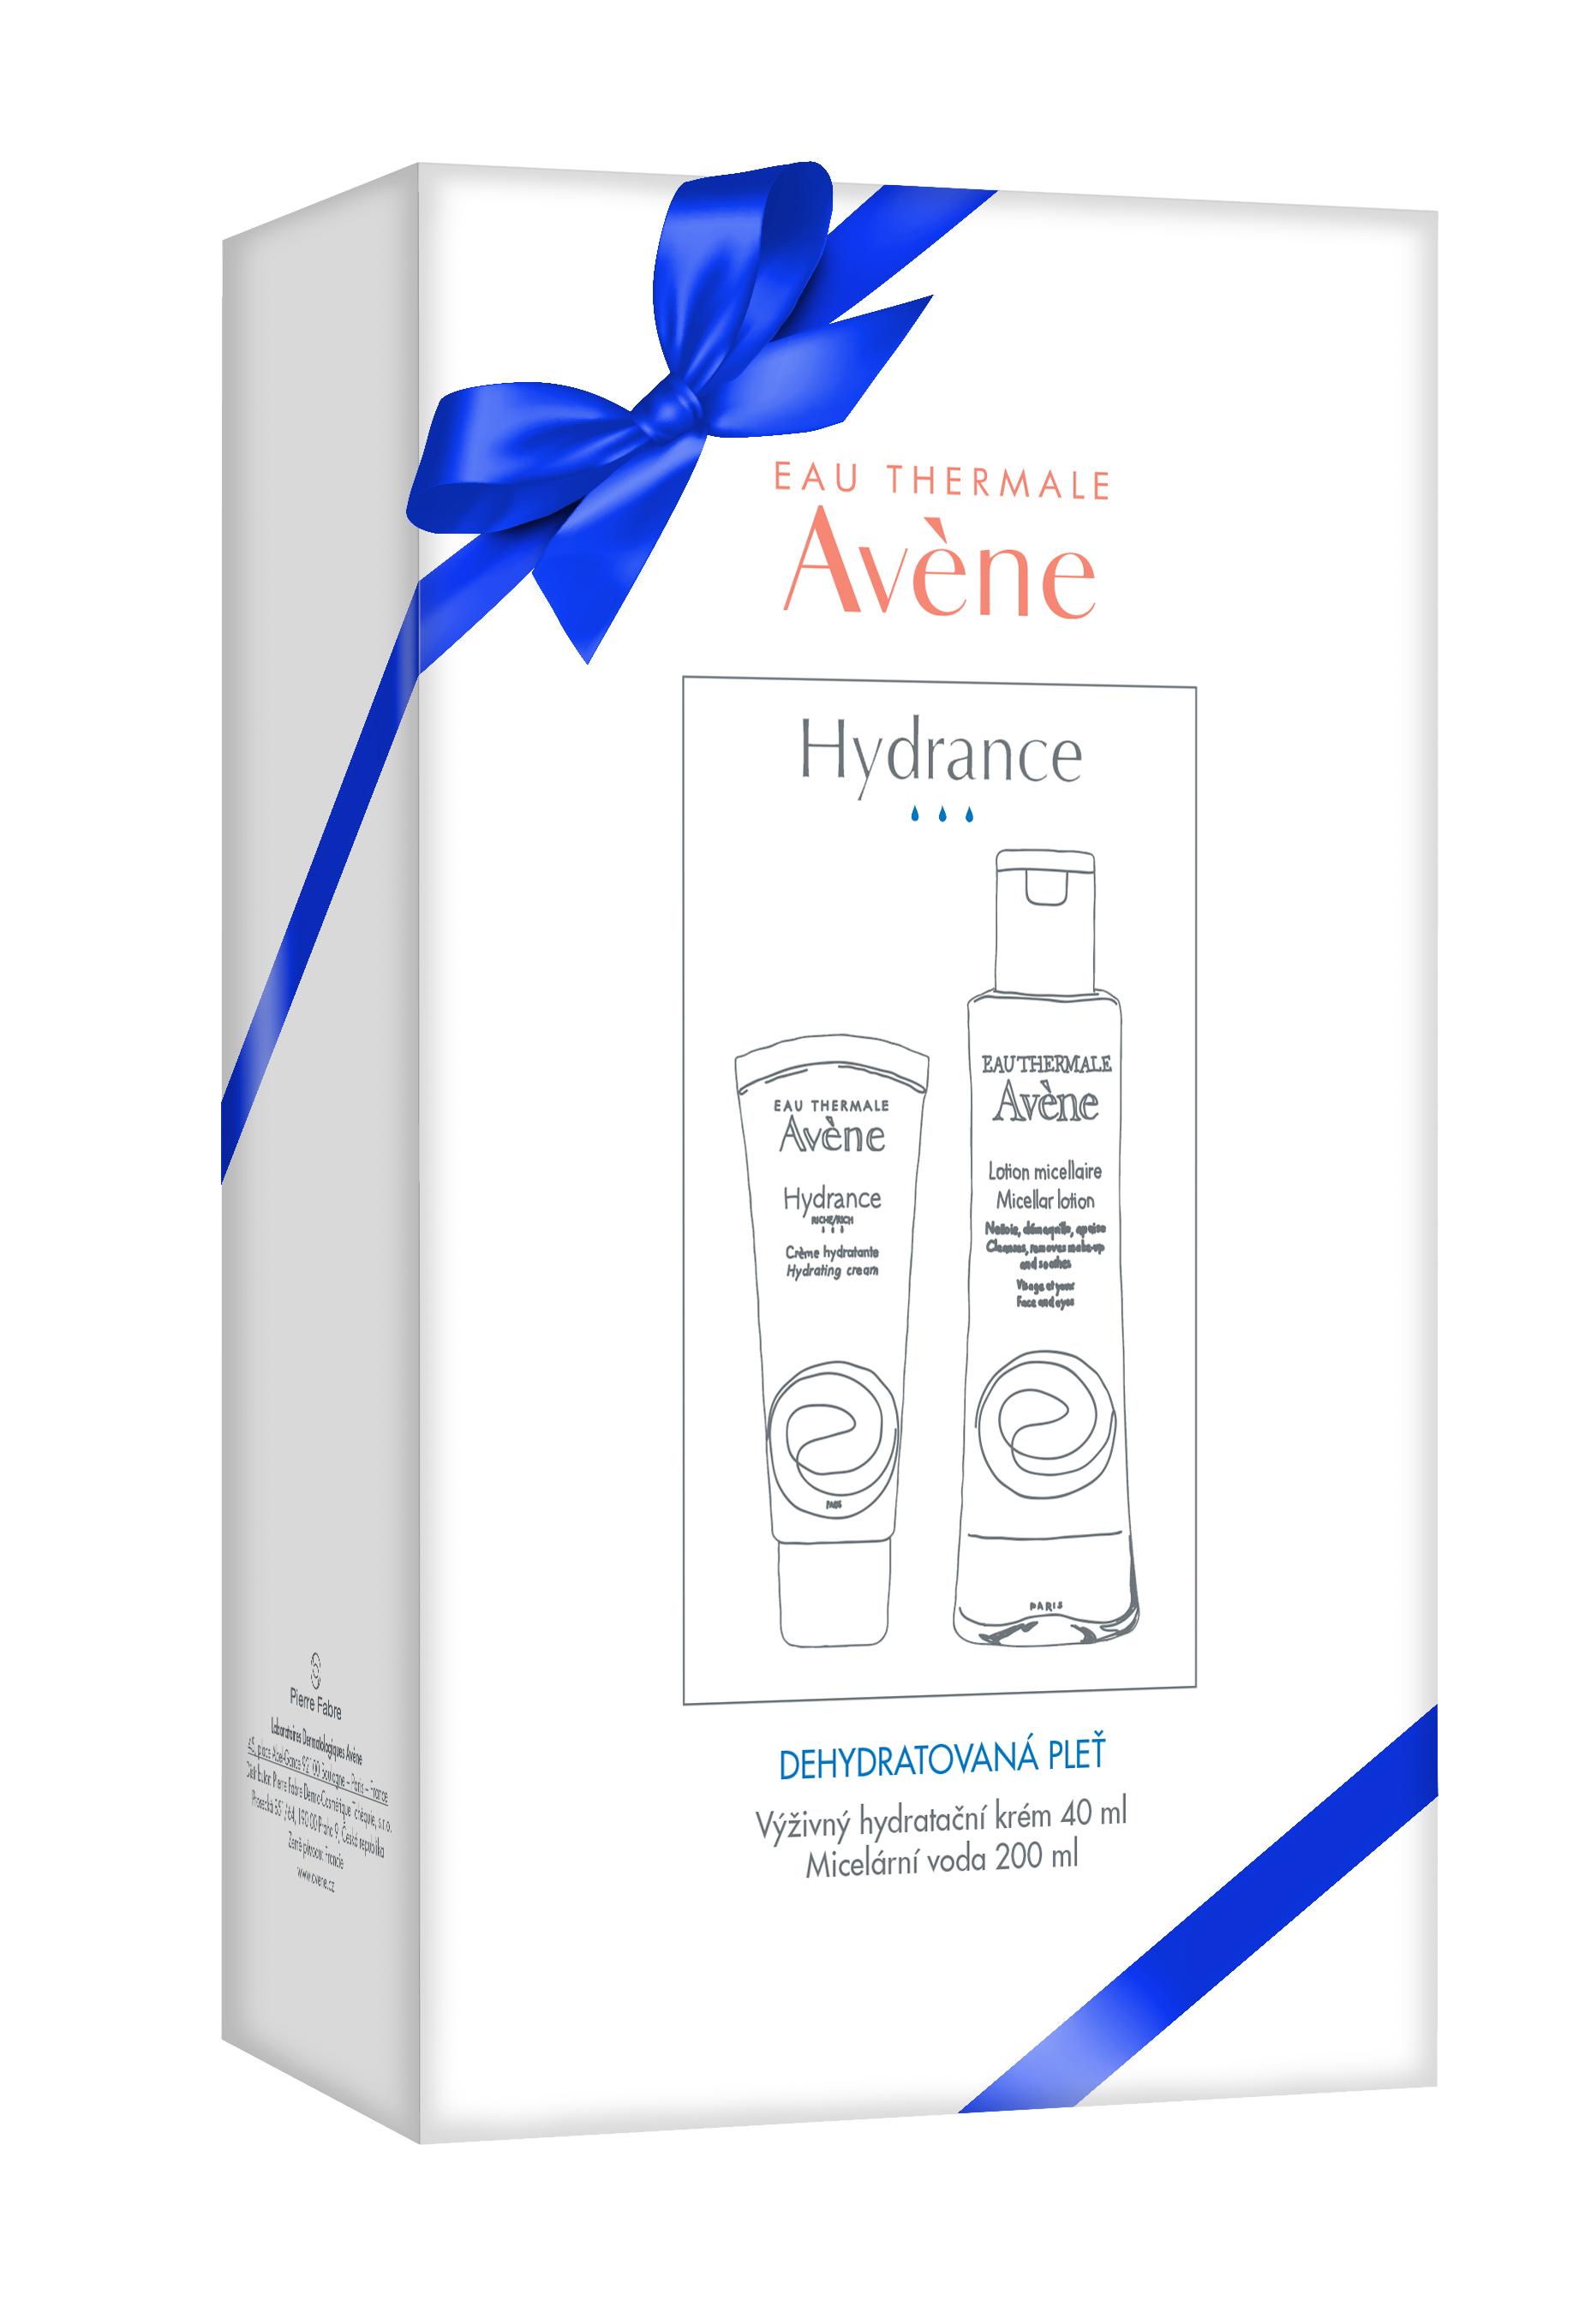 AVENE Hydrance riche balíček Vánoce